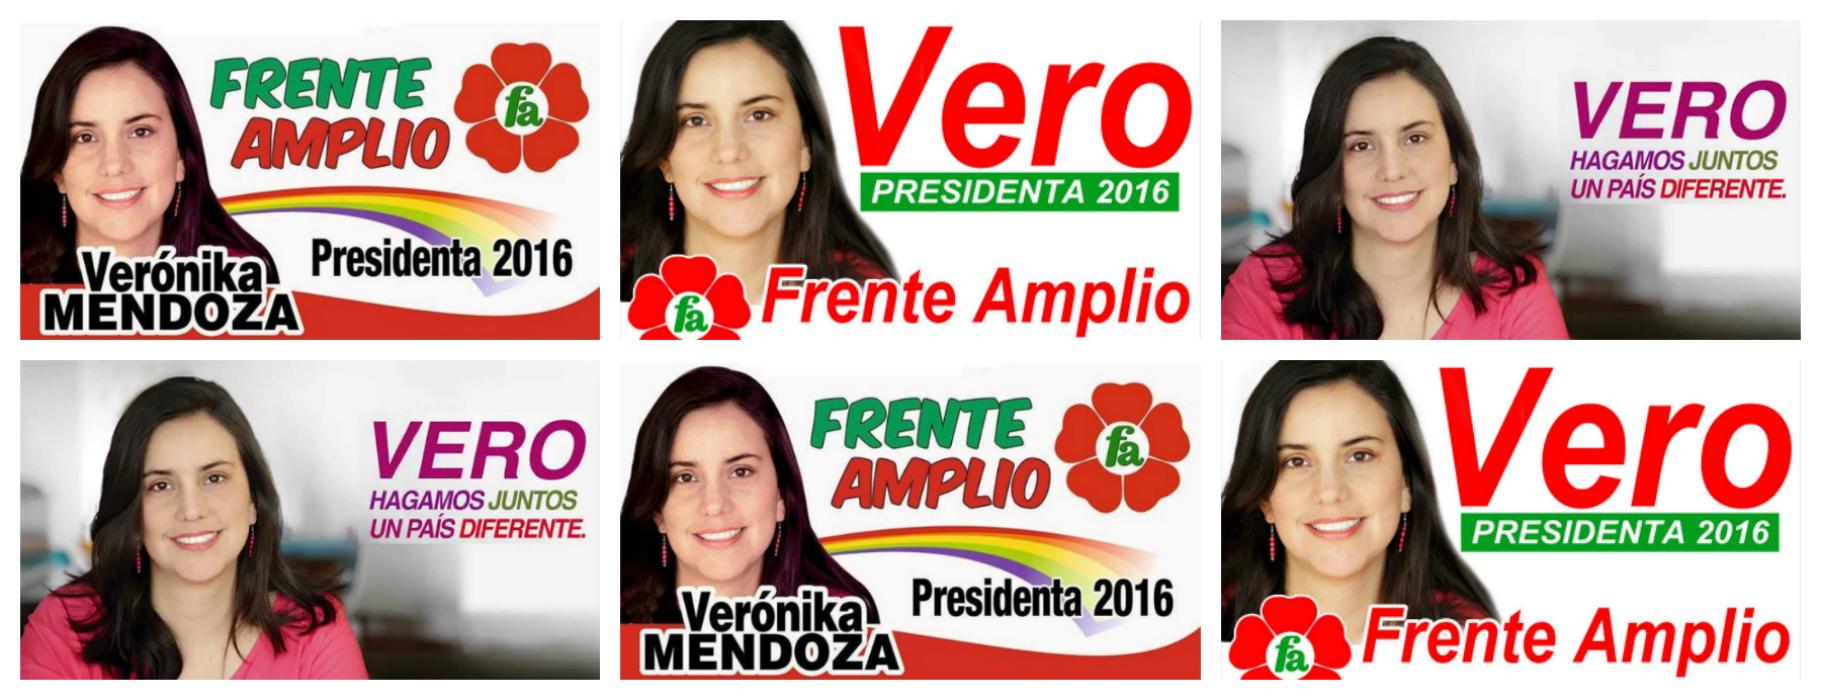 La French life de Veronika Mendoza, candidate à l'élection présidentielle au Pérou